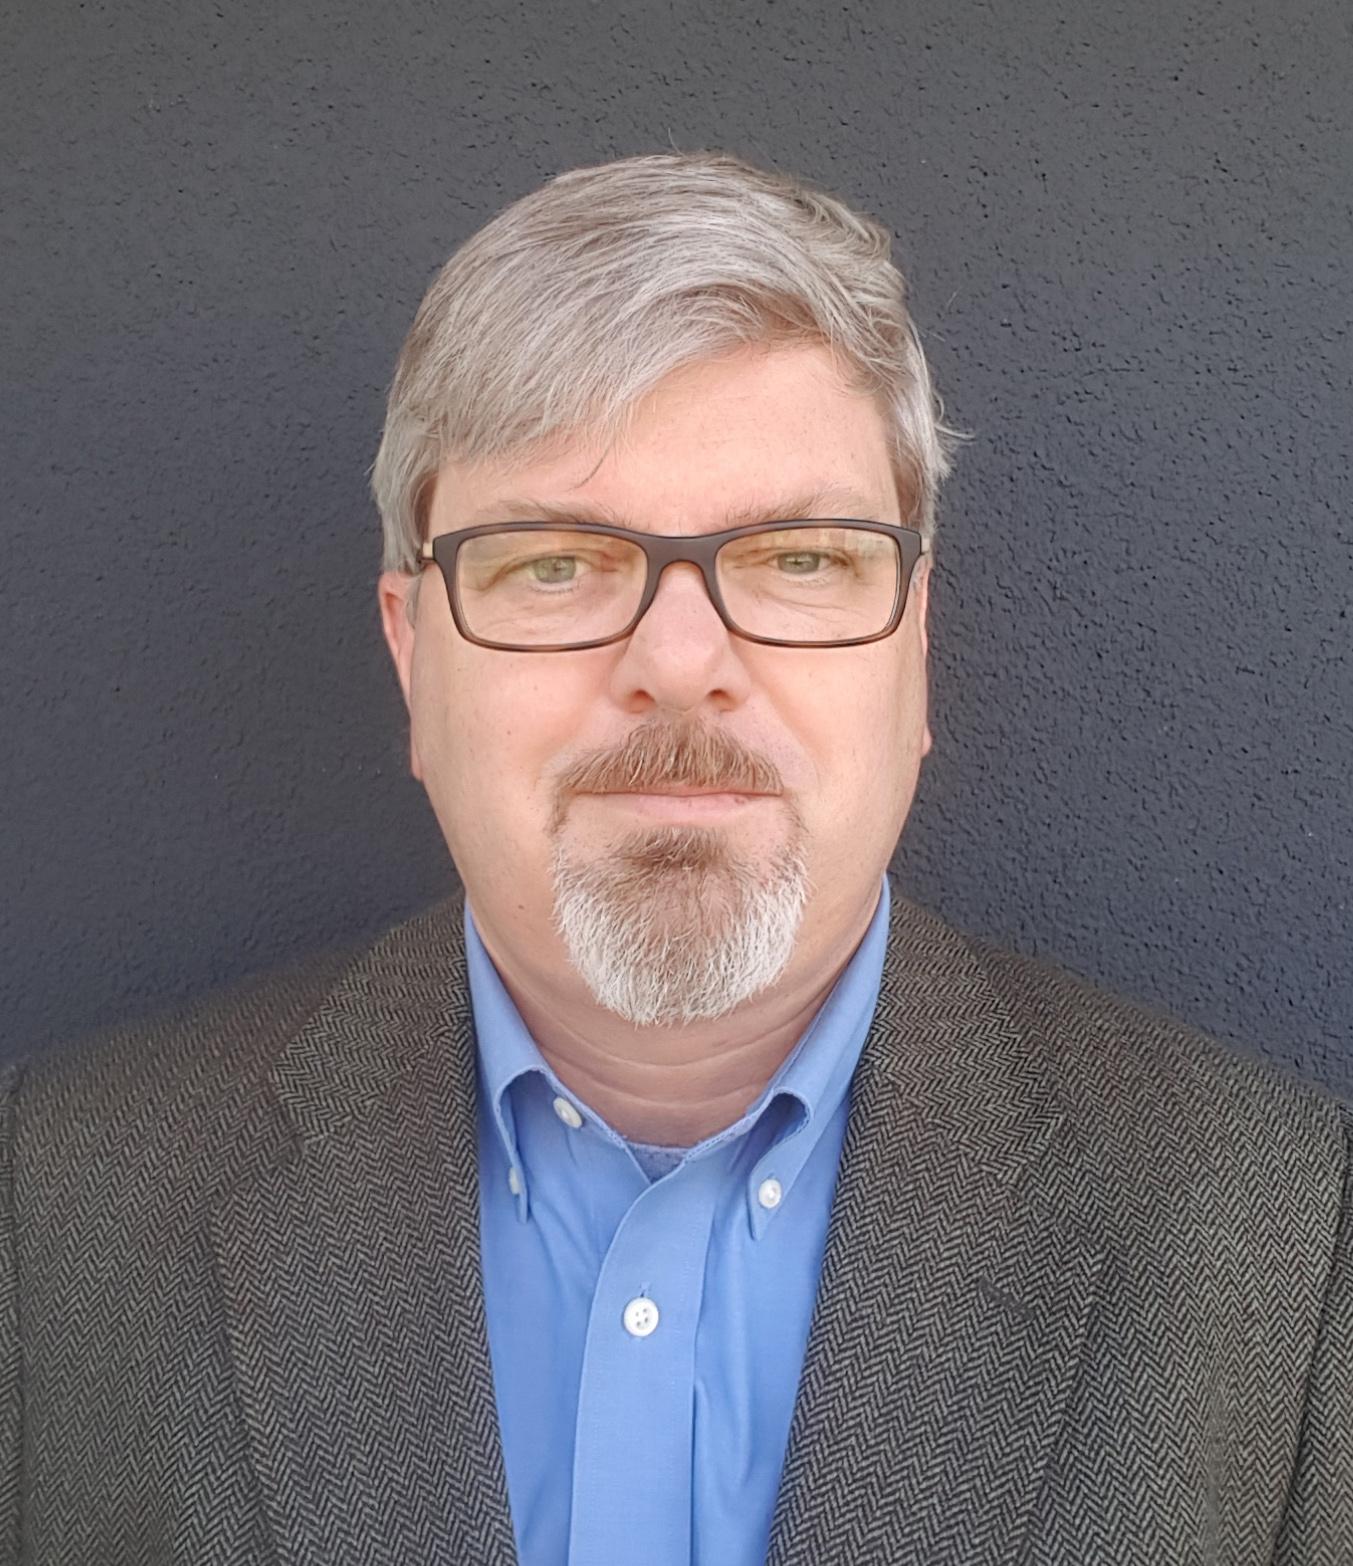 Dr Christopher Shank